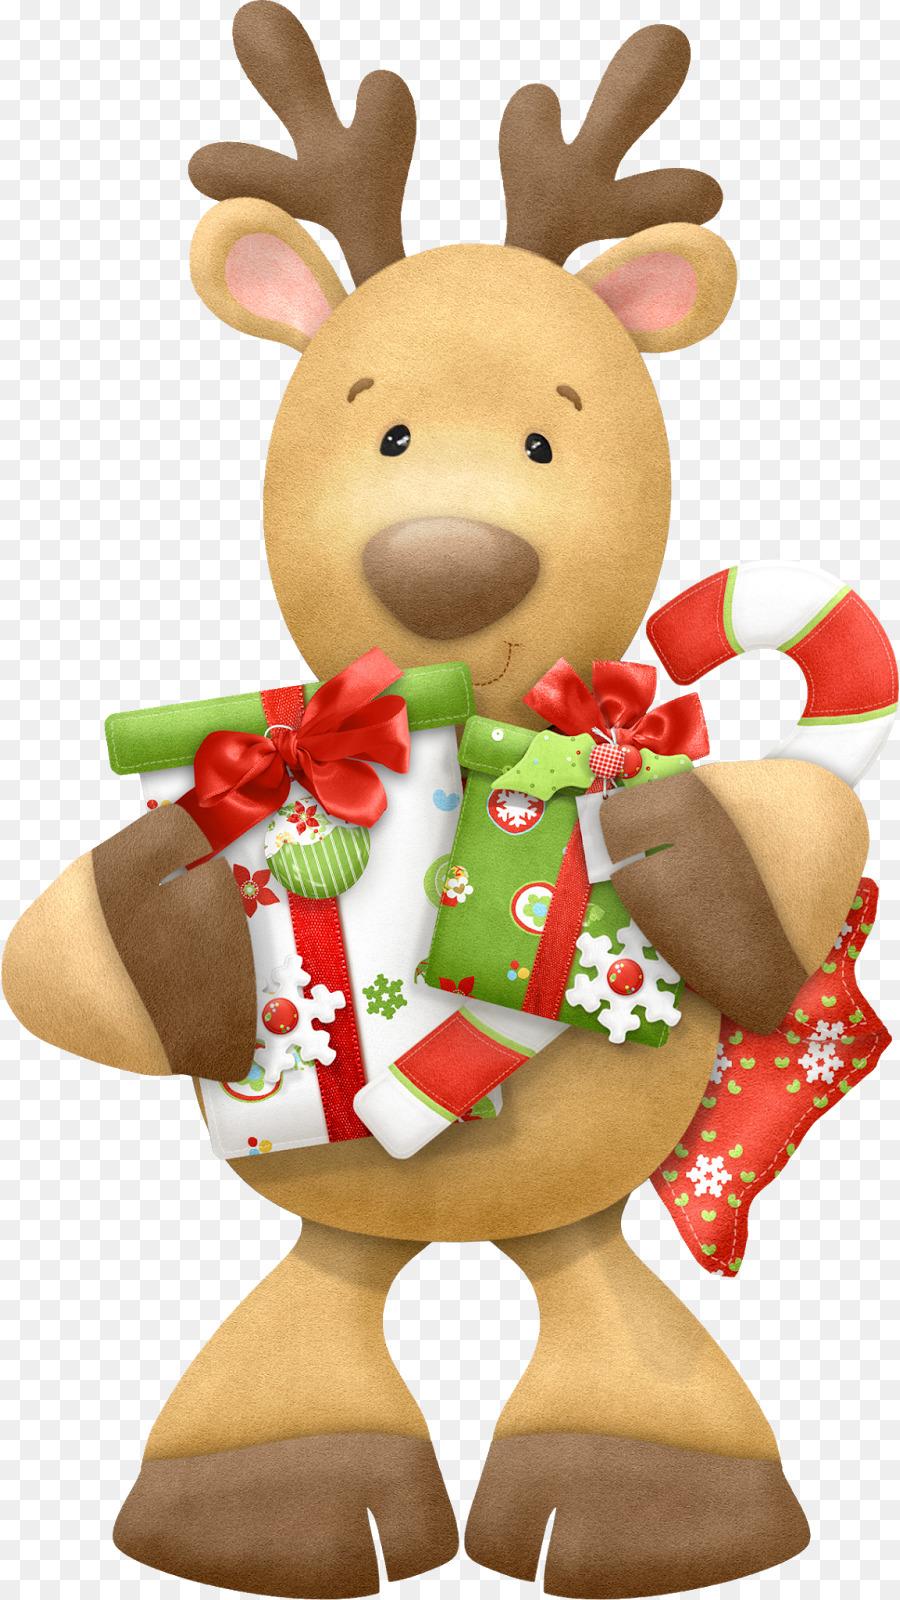 Rudolph Rentier Weihnachtsmann Weihnachtsclip Art Rentier Png